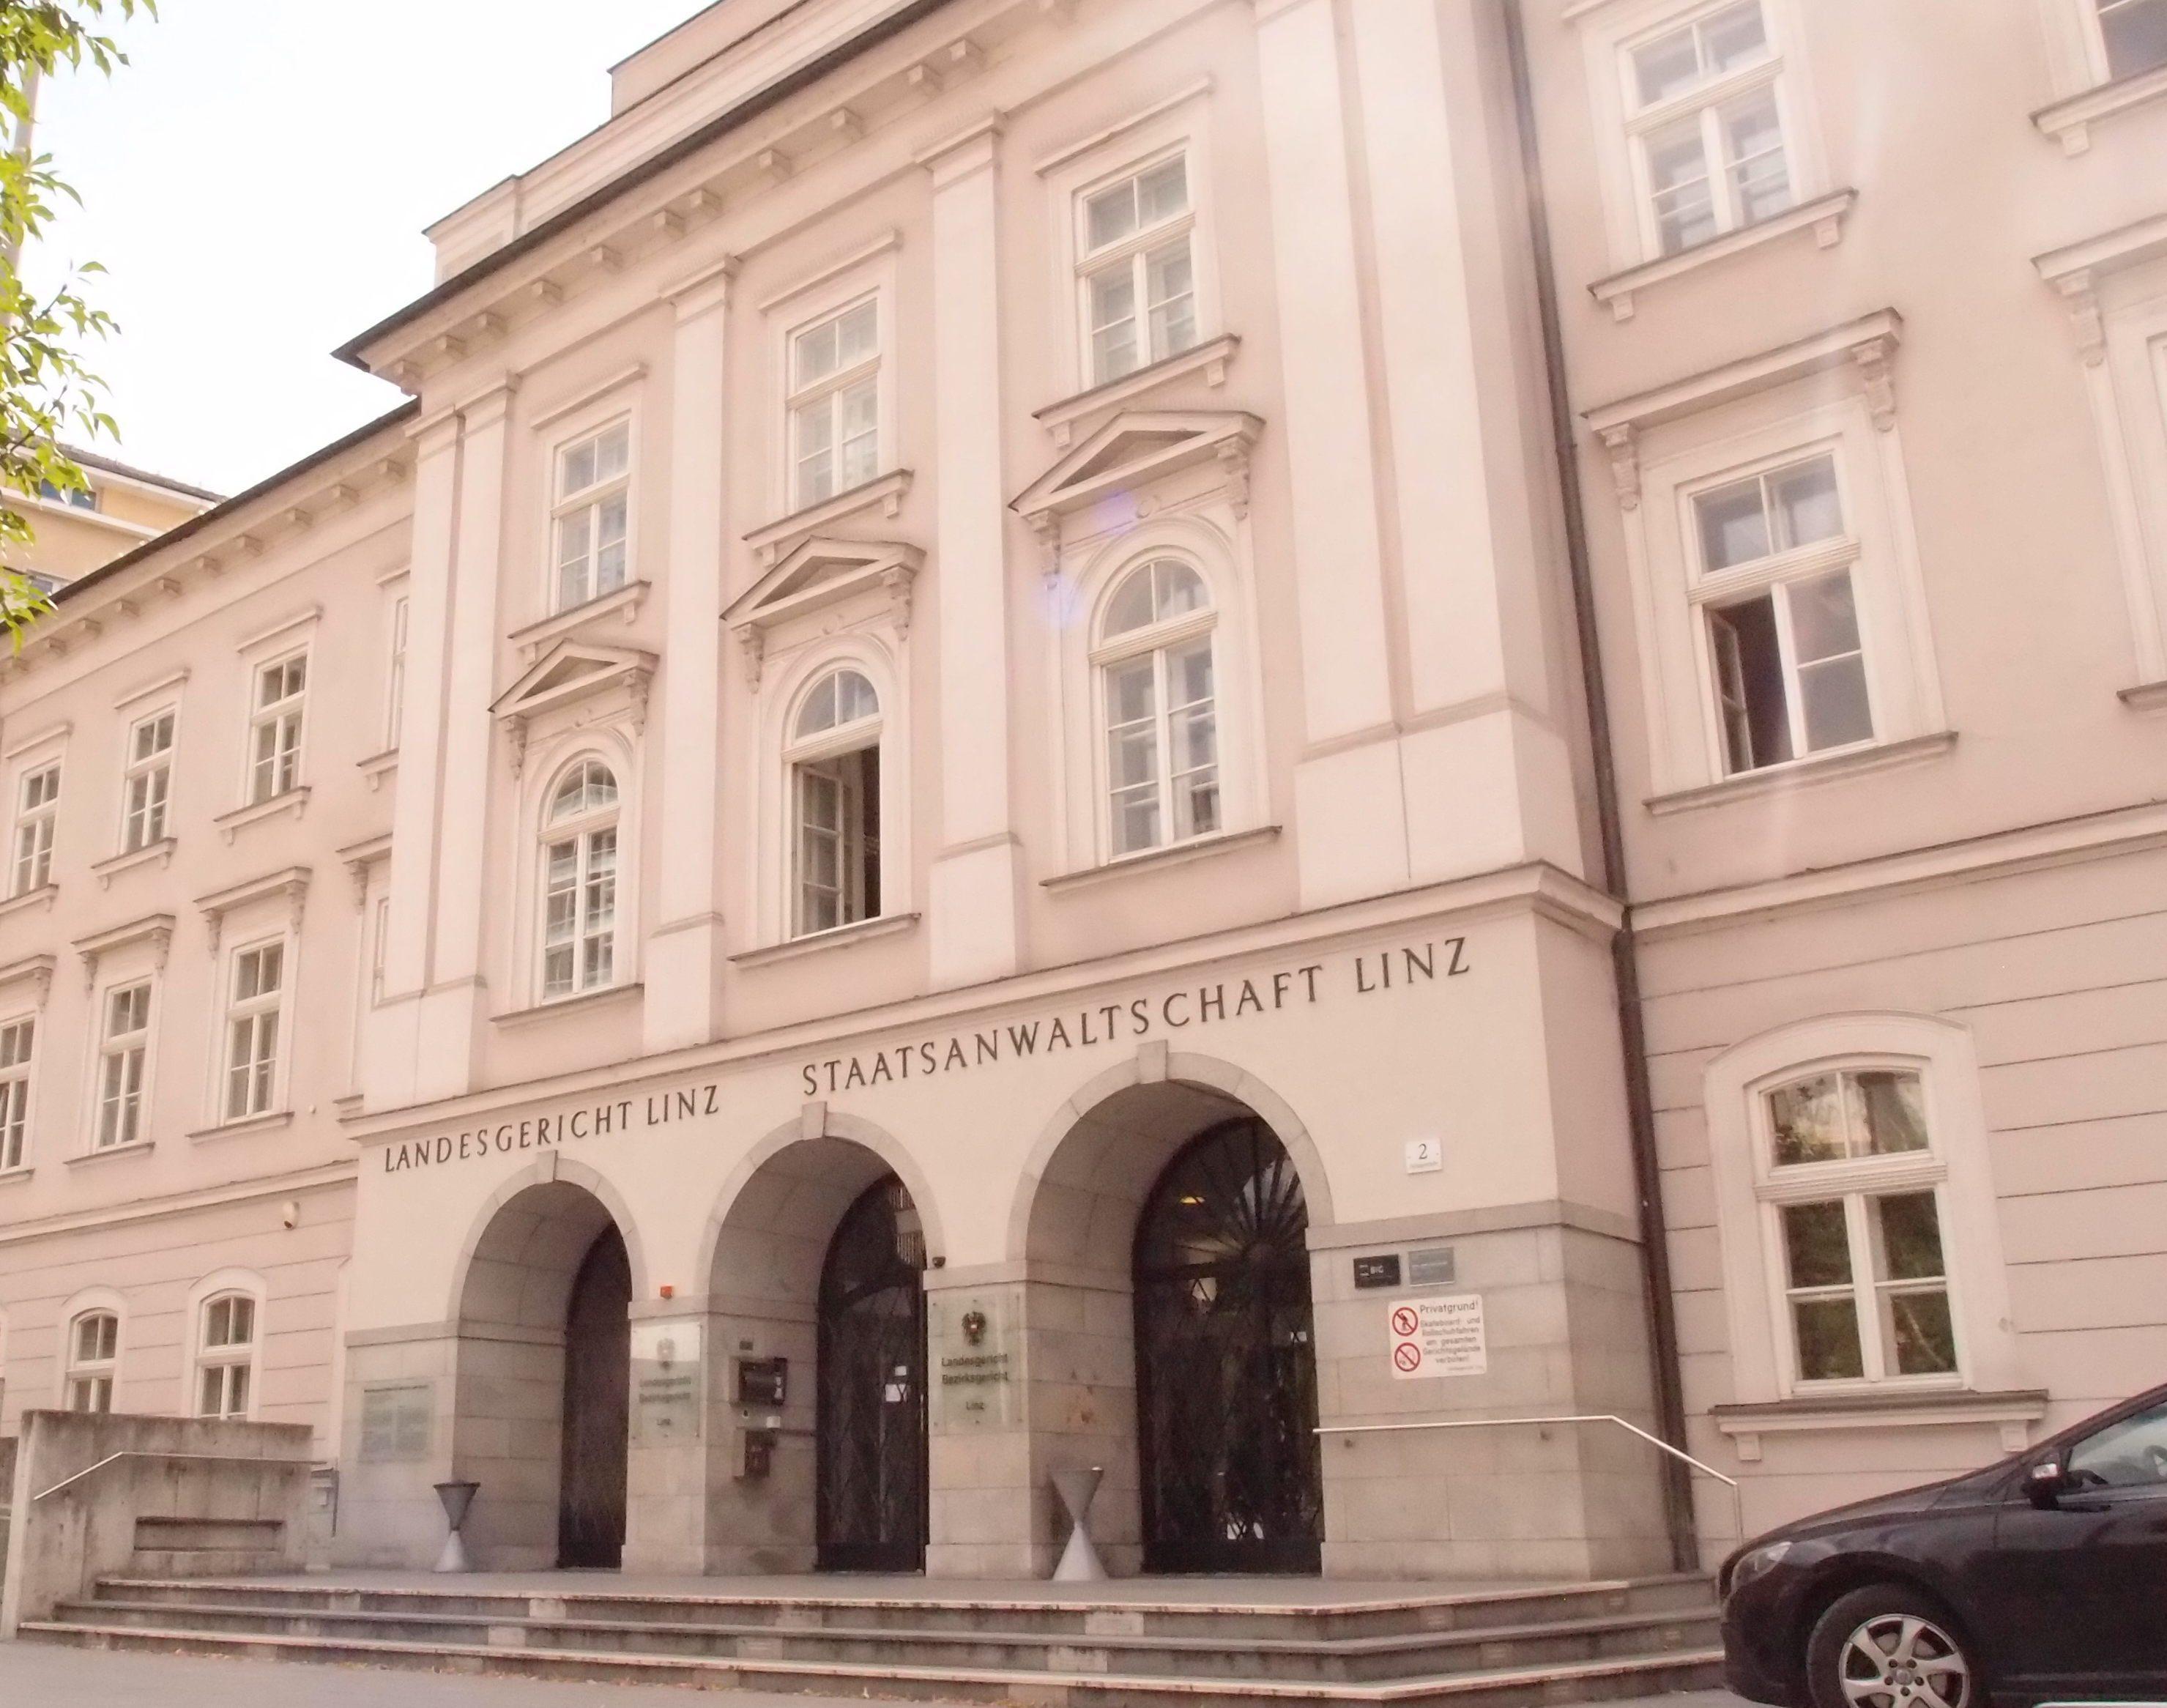 Verfahren nach dem Verbotsgesetz vor dem Landesgericht für Strafsachen Linz